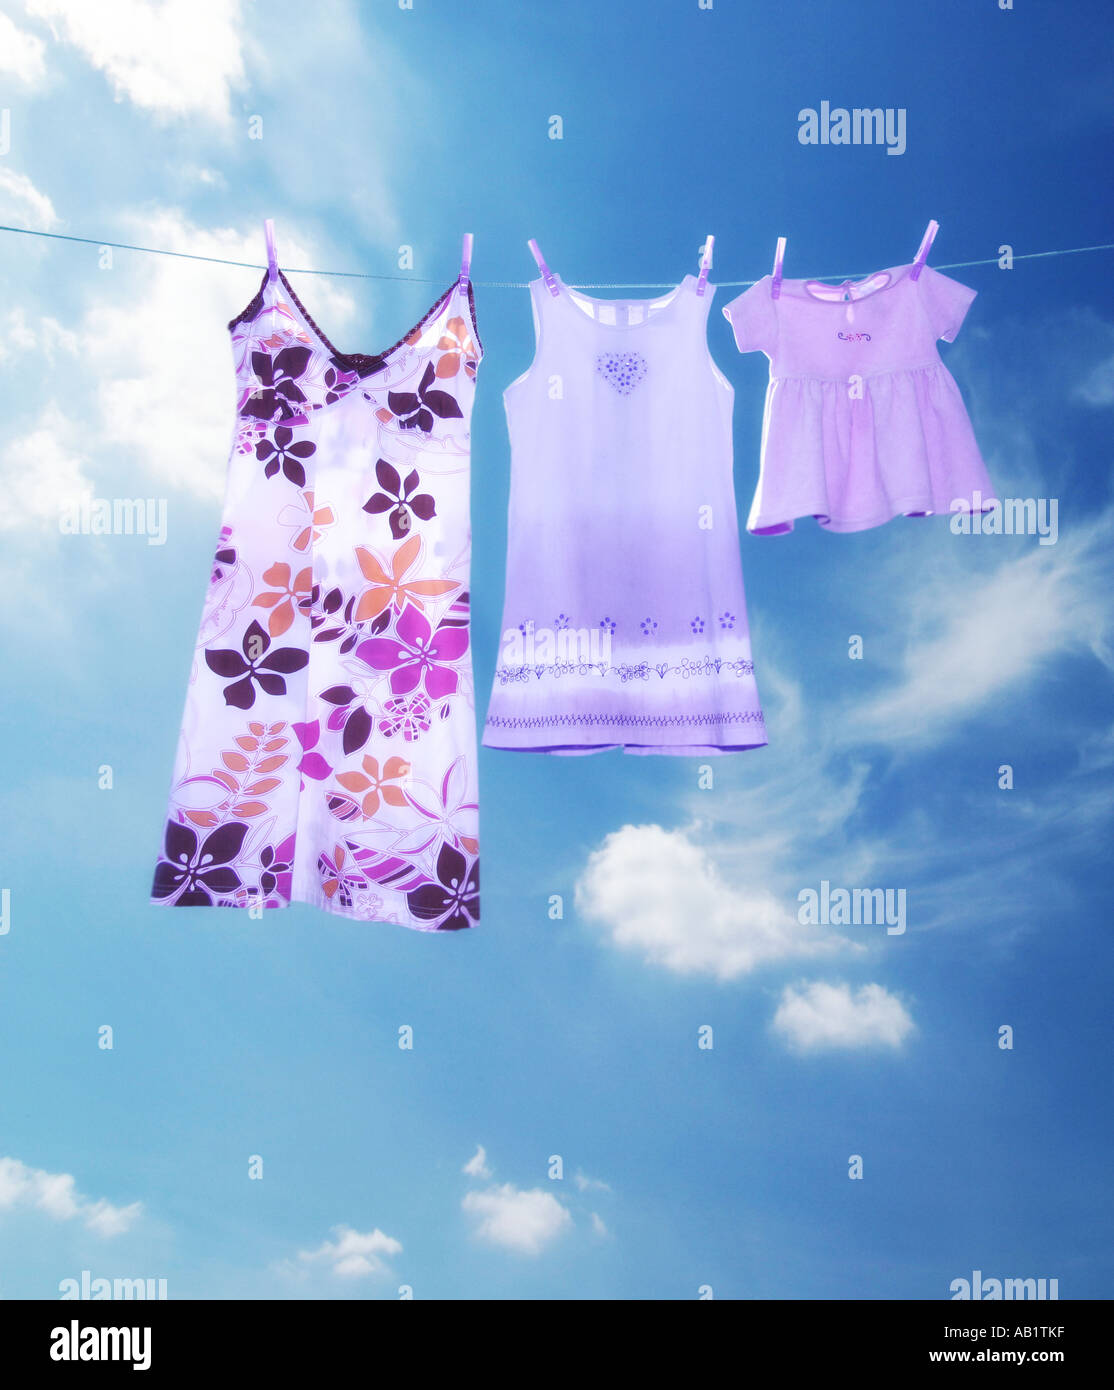 Trois robes sur une ligne de lavage Photo Stock